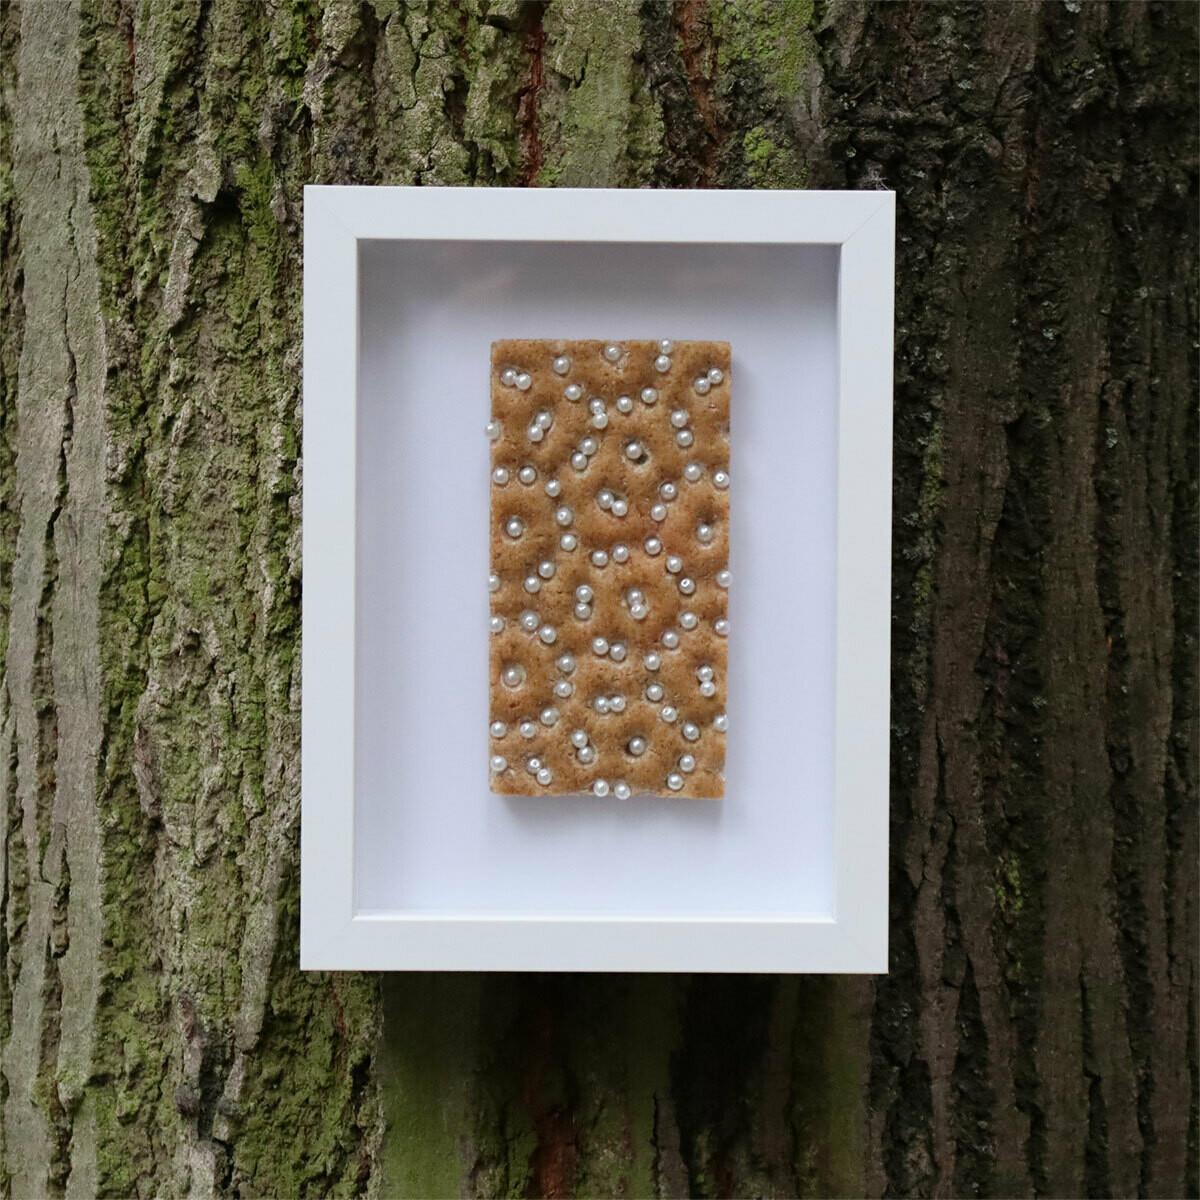 Prêt-a-manger, Gabriele Regiert, 24 x 18 x 3,5 cm, Knäckebrot/ Perlen, auf der Rückseite mit Nagellack signiert, Edition #1, Auflage 15, Berlin 2020